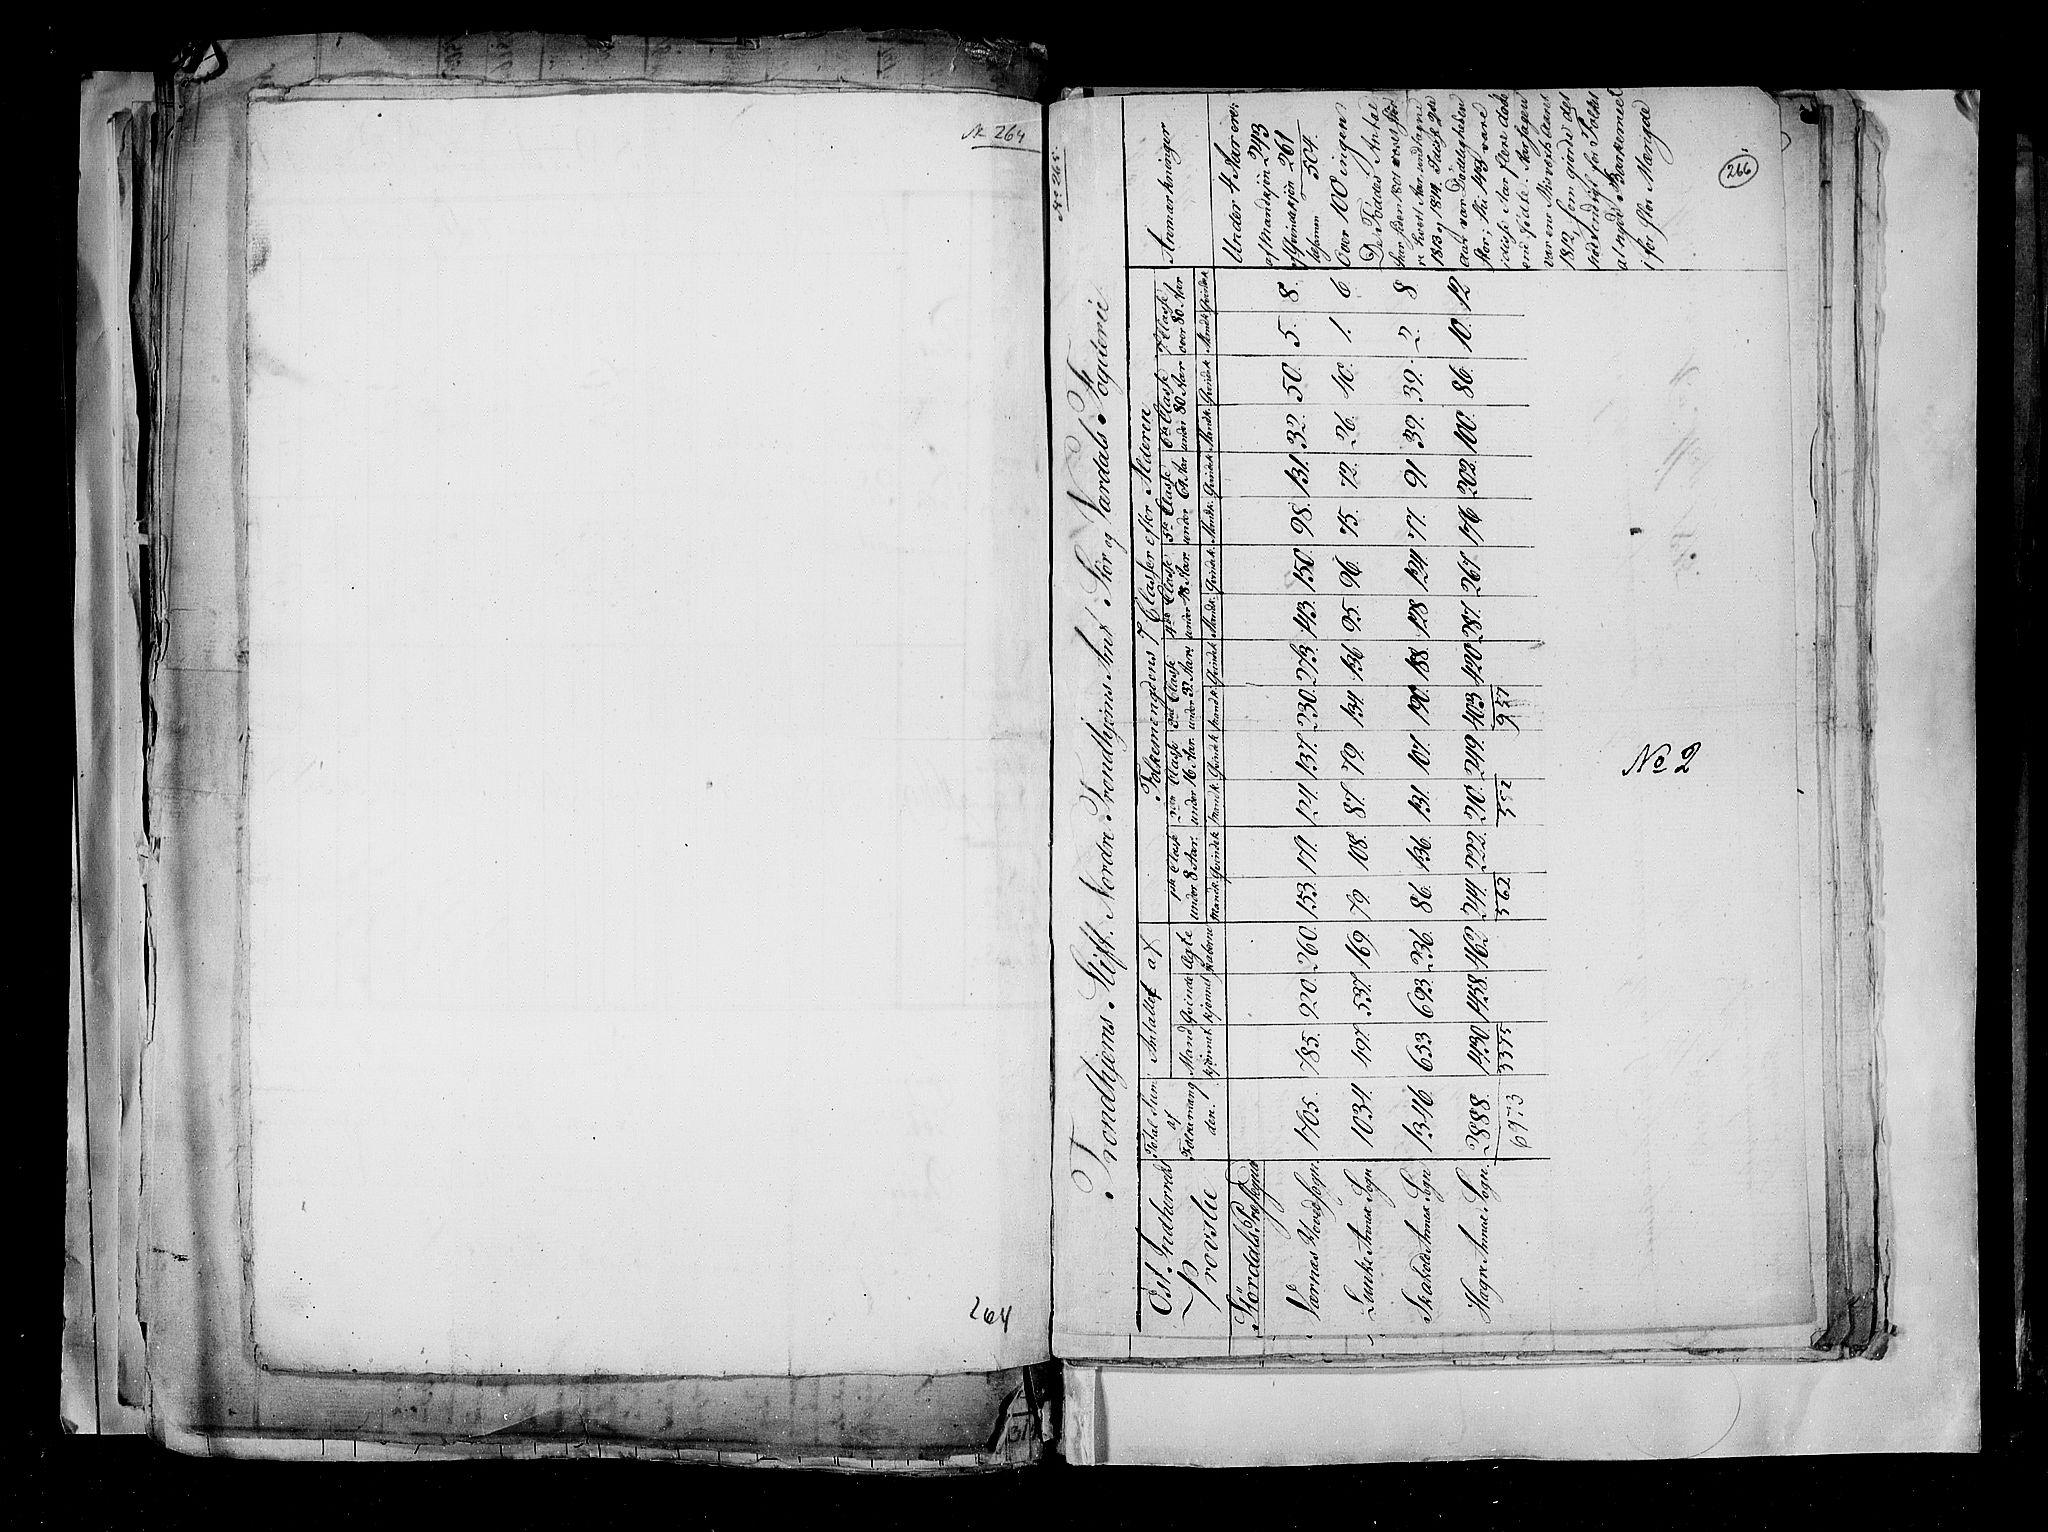 RA, Folketellingen 1815, bind 2: Bergen stift og Trondheim stift, 1815, s. 166